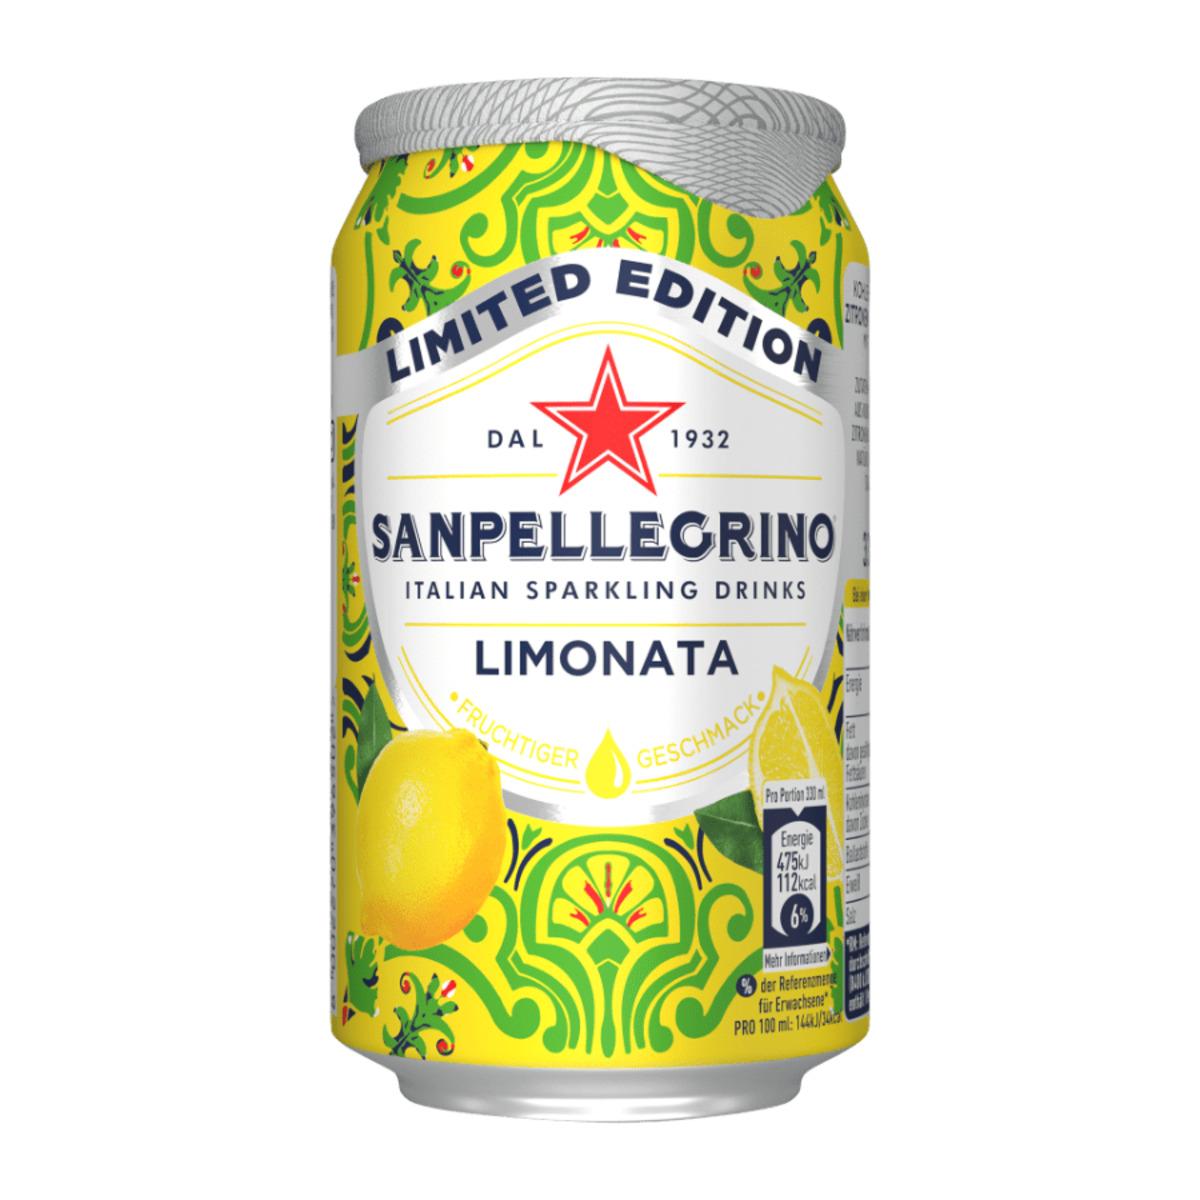 Bild 3 von Sanpellegrino     Limonade